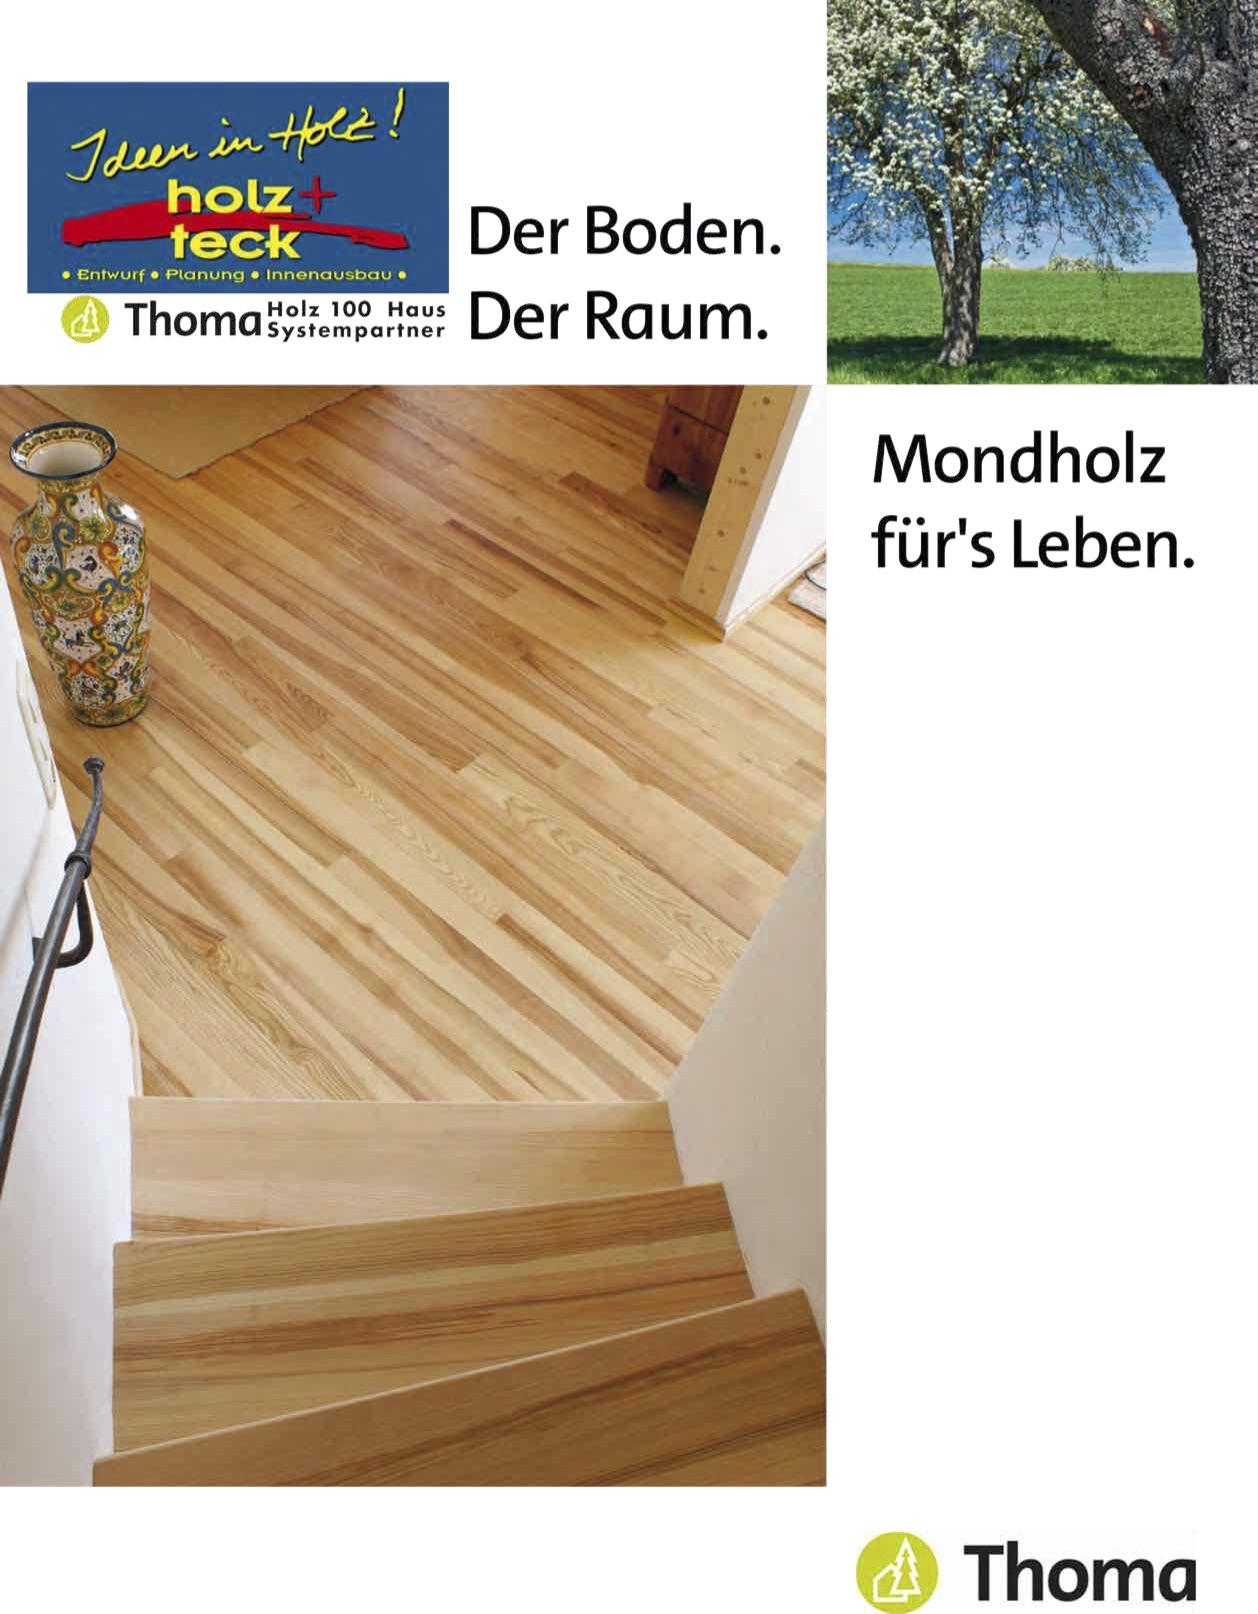 Holzböden aus Mondholz - holz+technik Pünder Rebholz GbR Ideen in Holz!